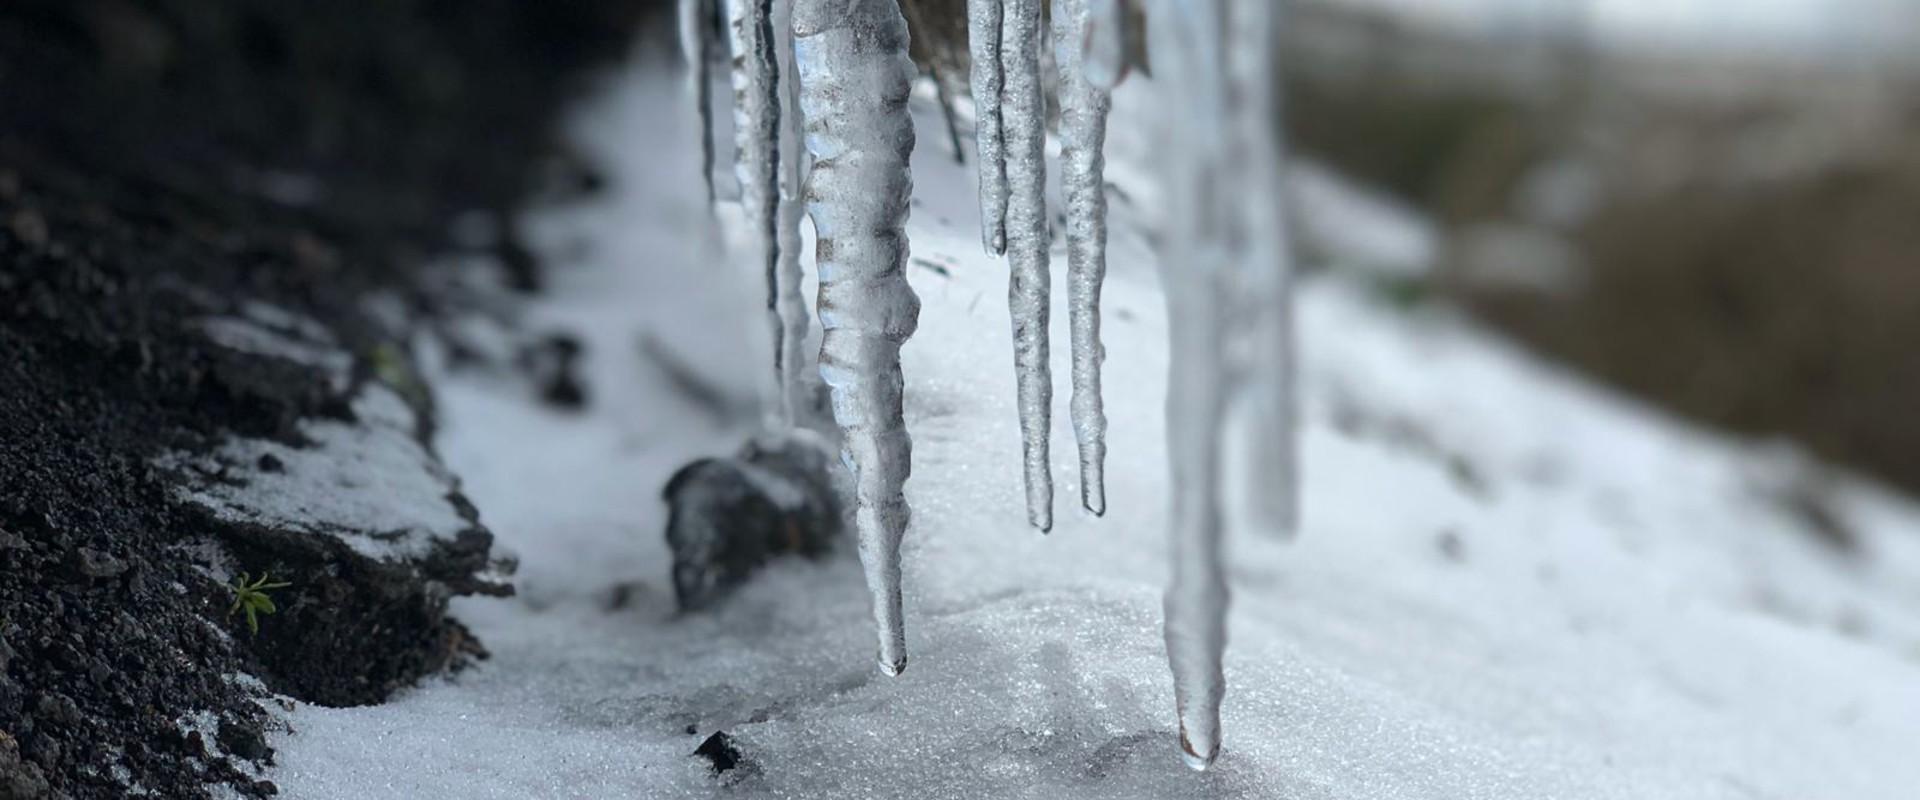 קרח ושלג בארץ (צילום: אופיר בלאו)